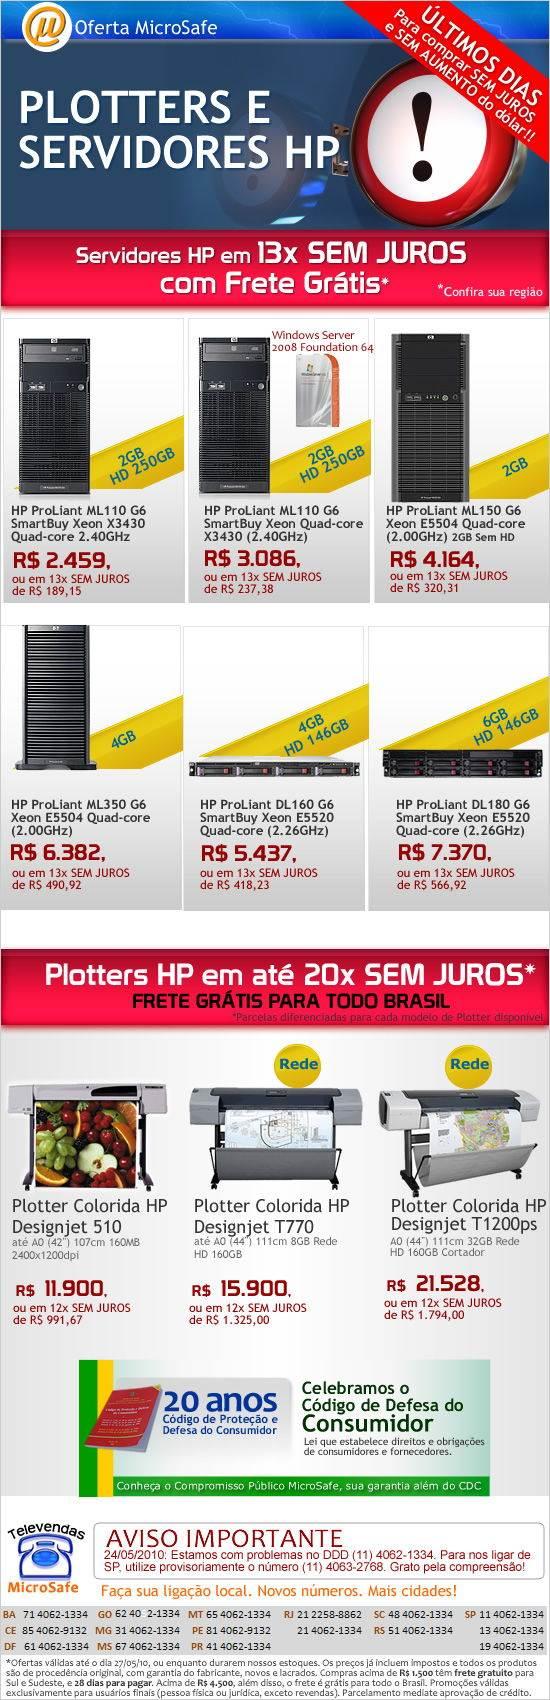 Últimos dias para comprar servidores e plotters HP SEM JUROS!